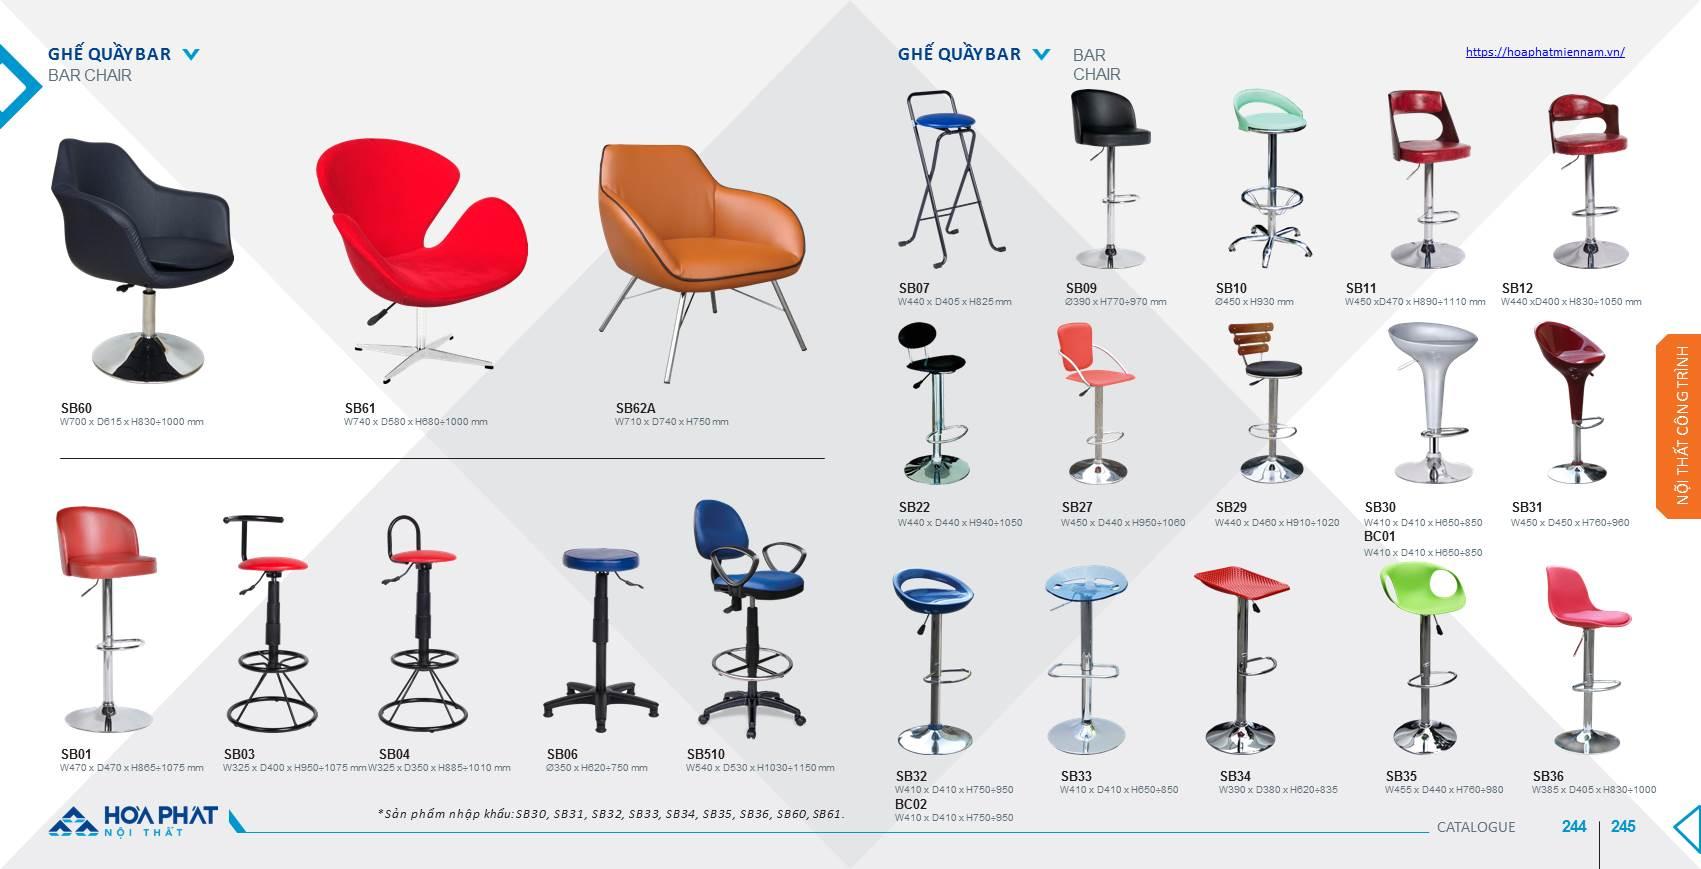 Catalogue ghế quầy Bar Hòa Phát